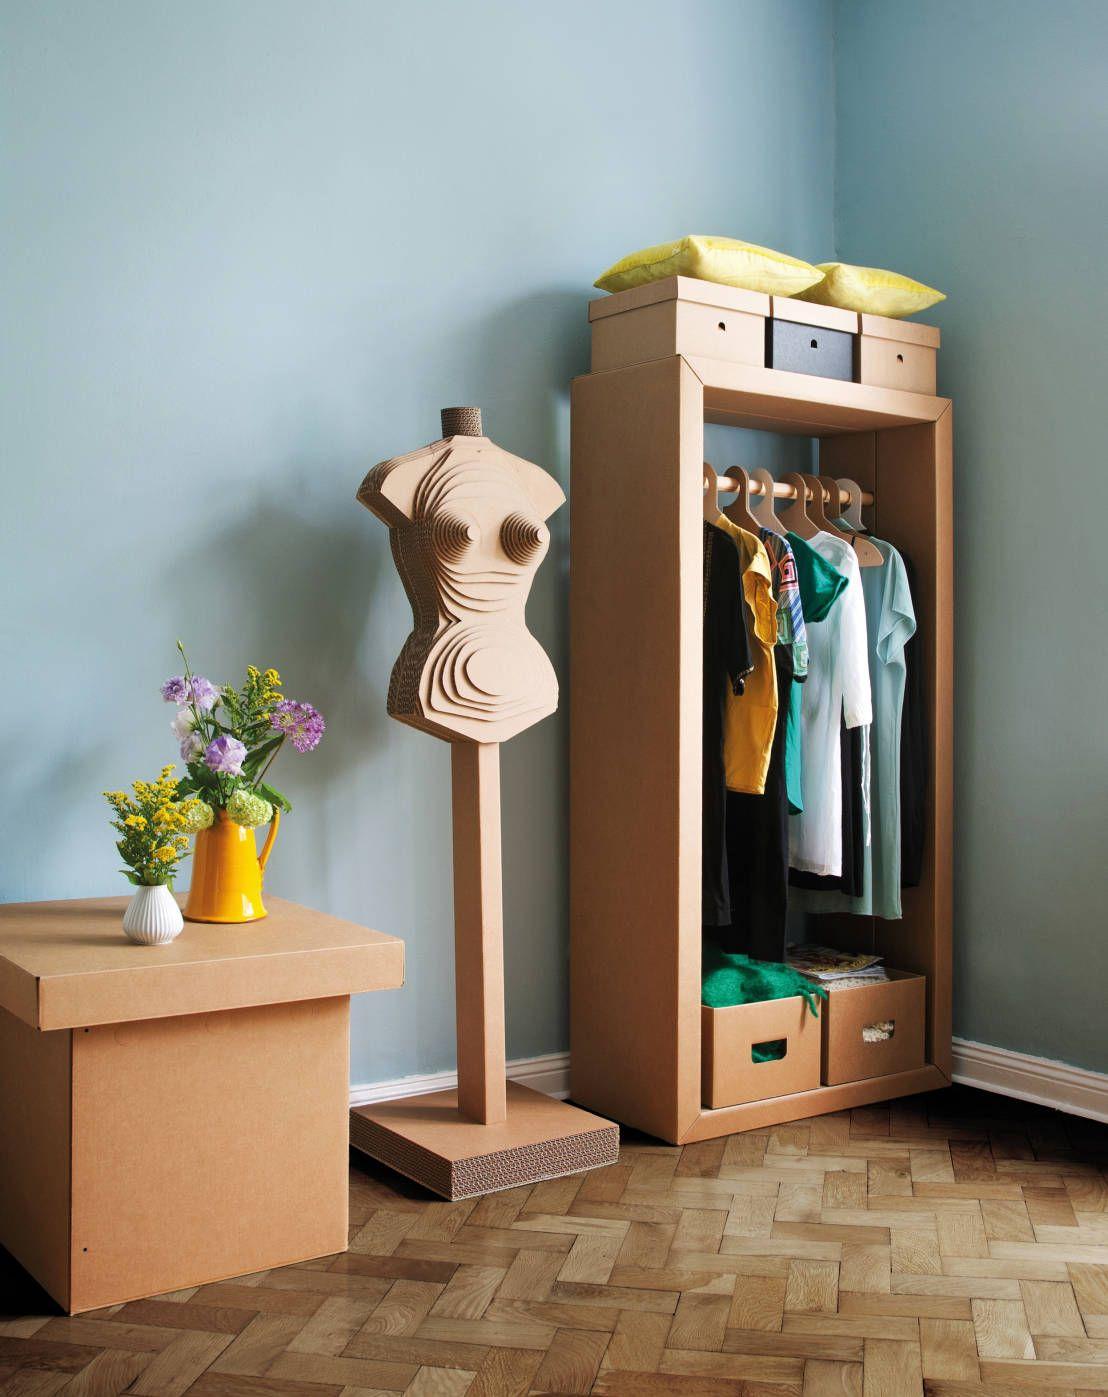 Garderobe ADAM RIESE und Figur HEIDI : de Stange Design